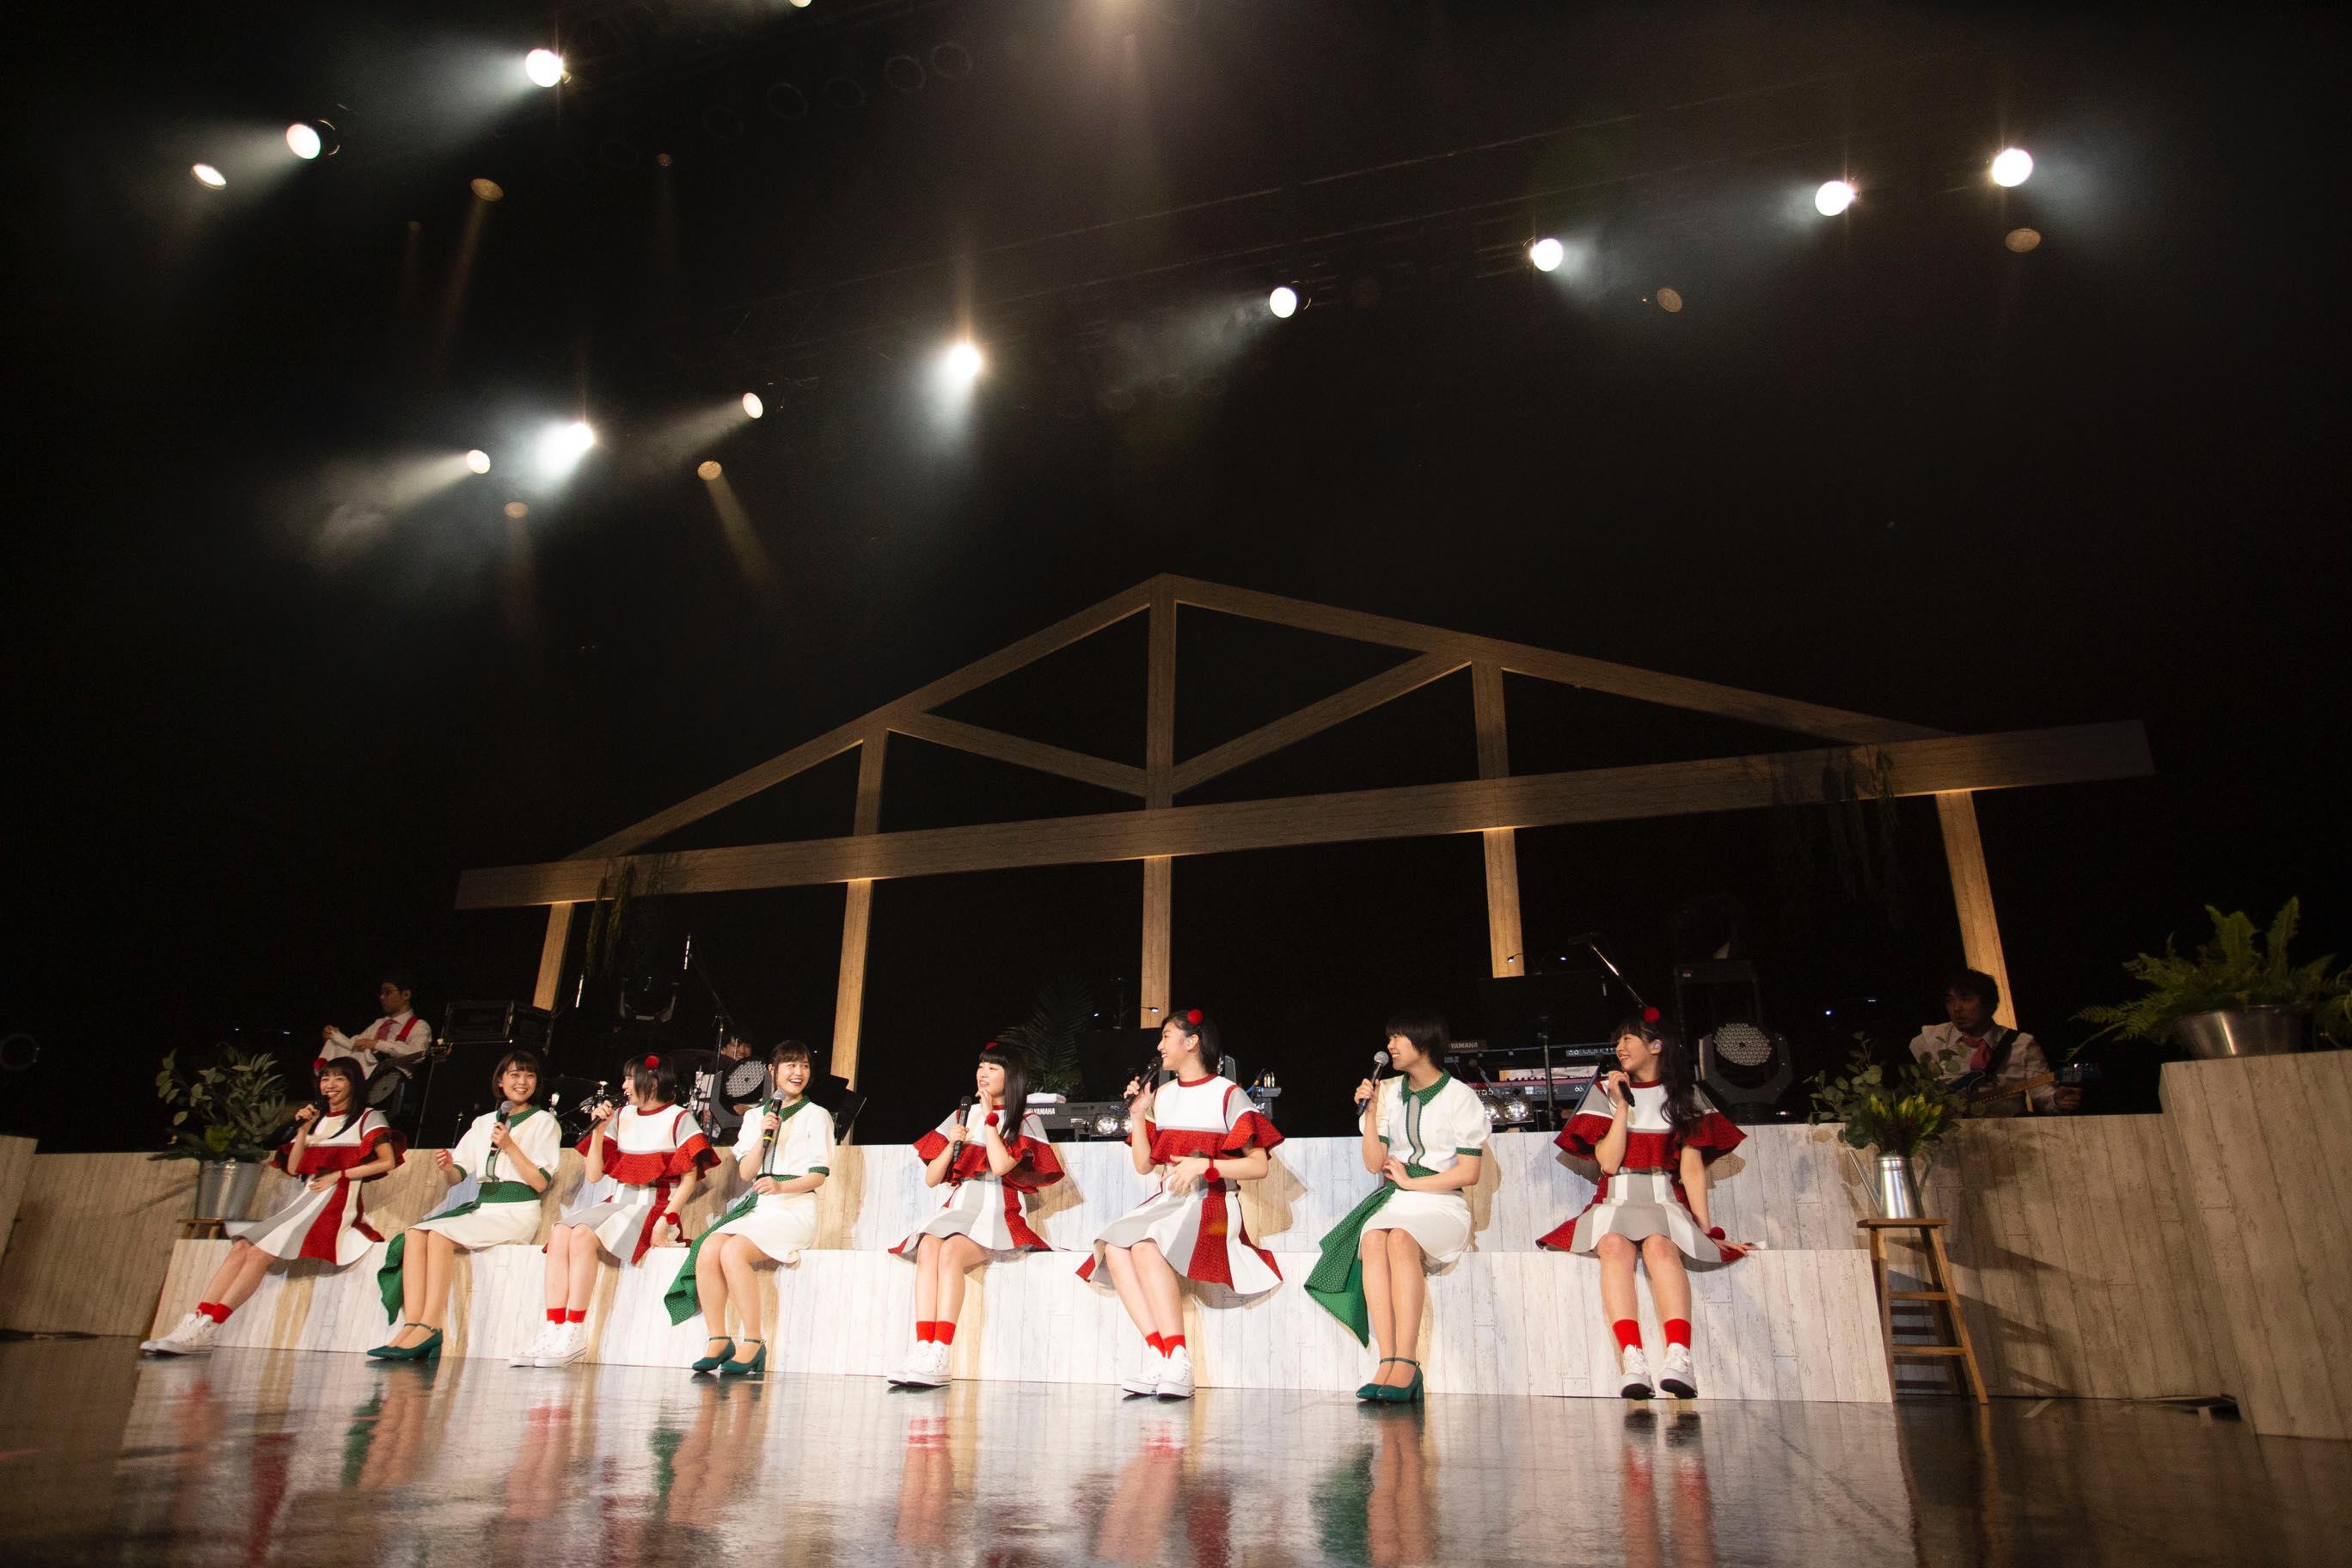 私立恵比寿中学・Negiccoの魅力がバンドで盛り盛り!「エビネギ2」レポート【写真9枚】の画像004